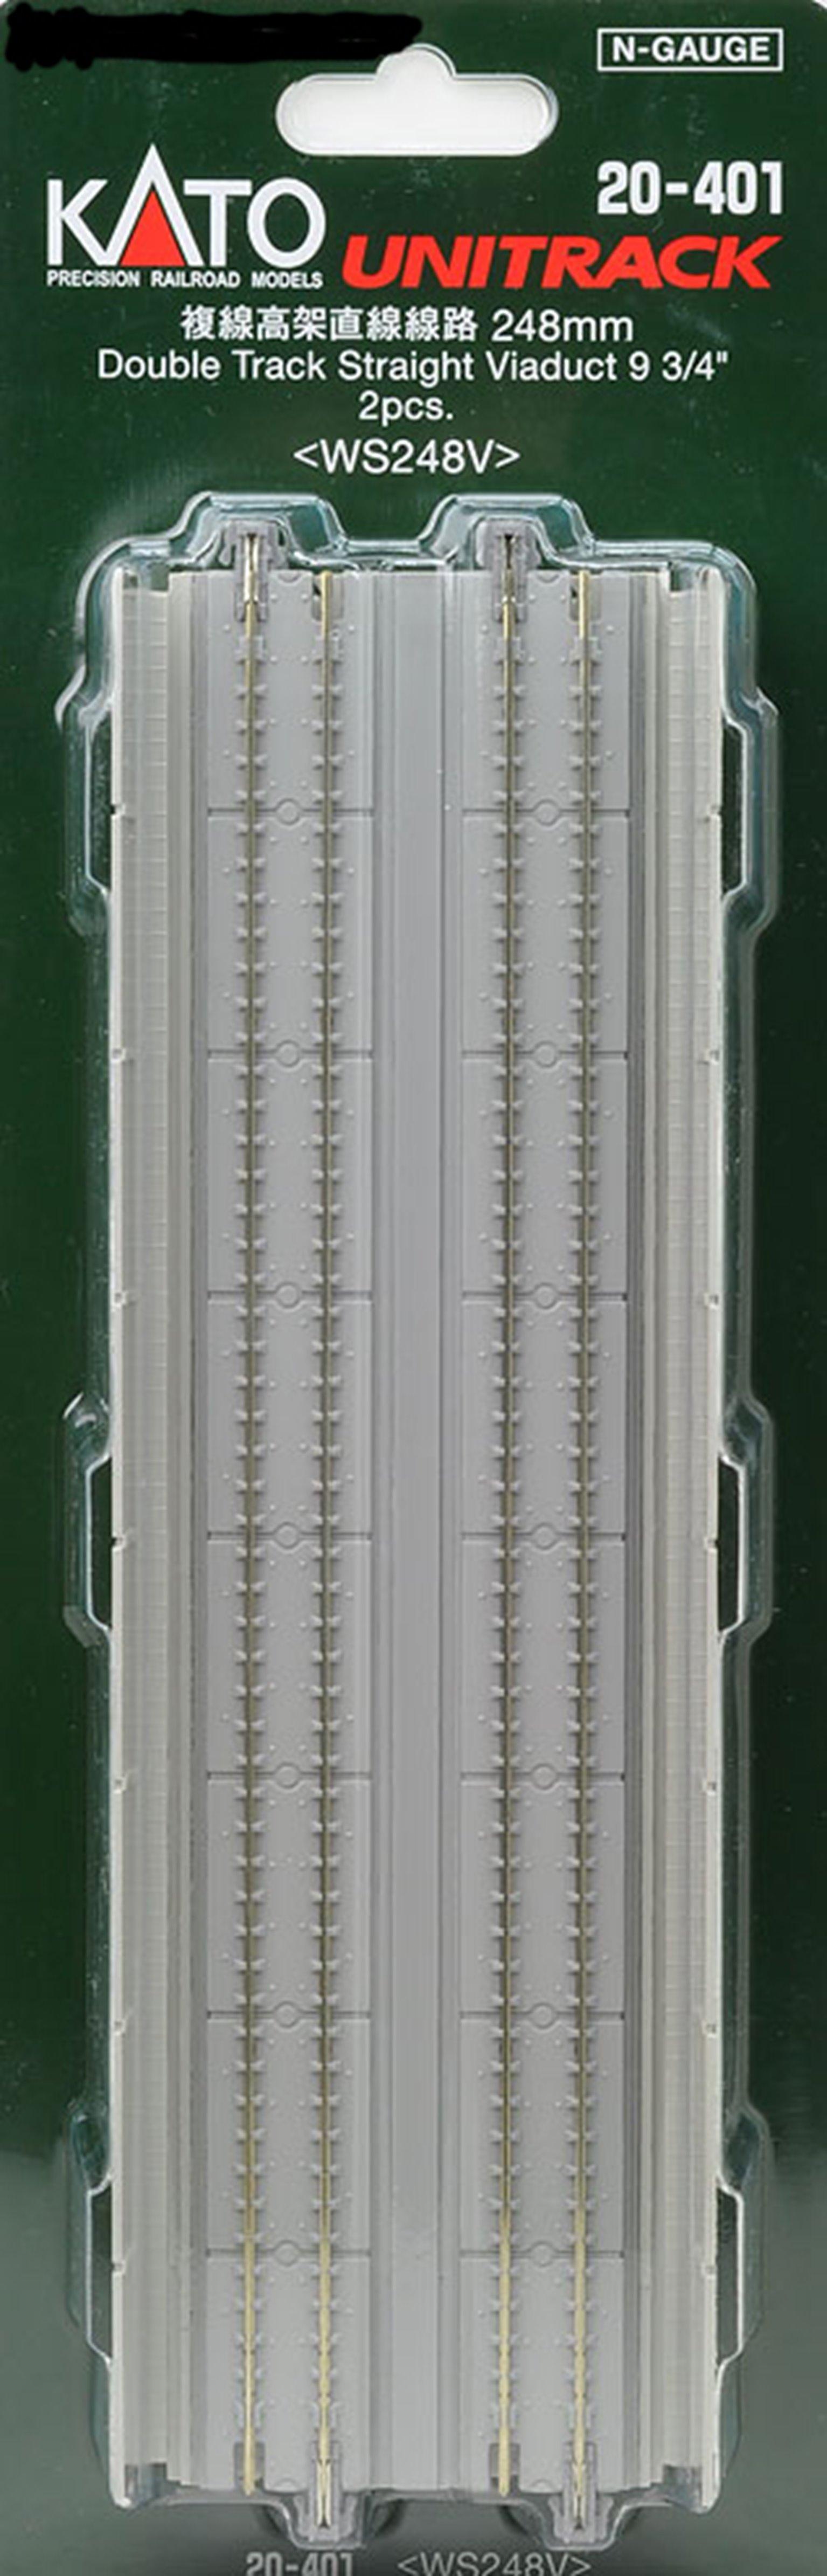 Kato 20-401 Pre-Cast Concrete Double Elevated Track 248mm Straight (2)